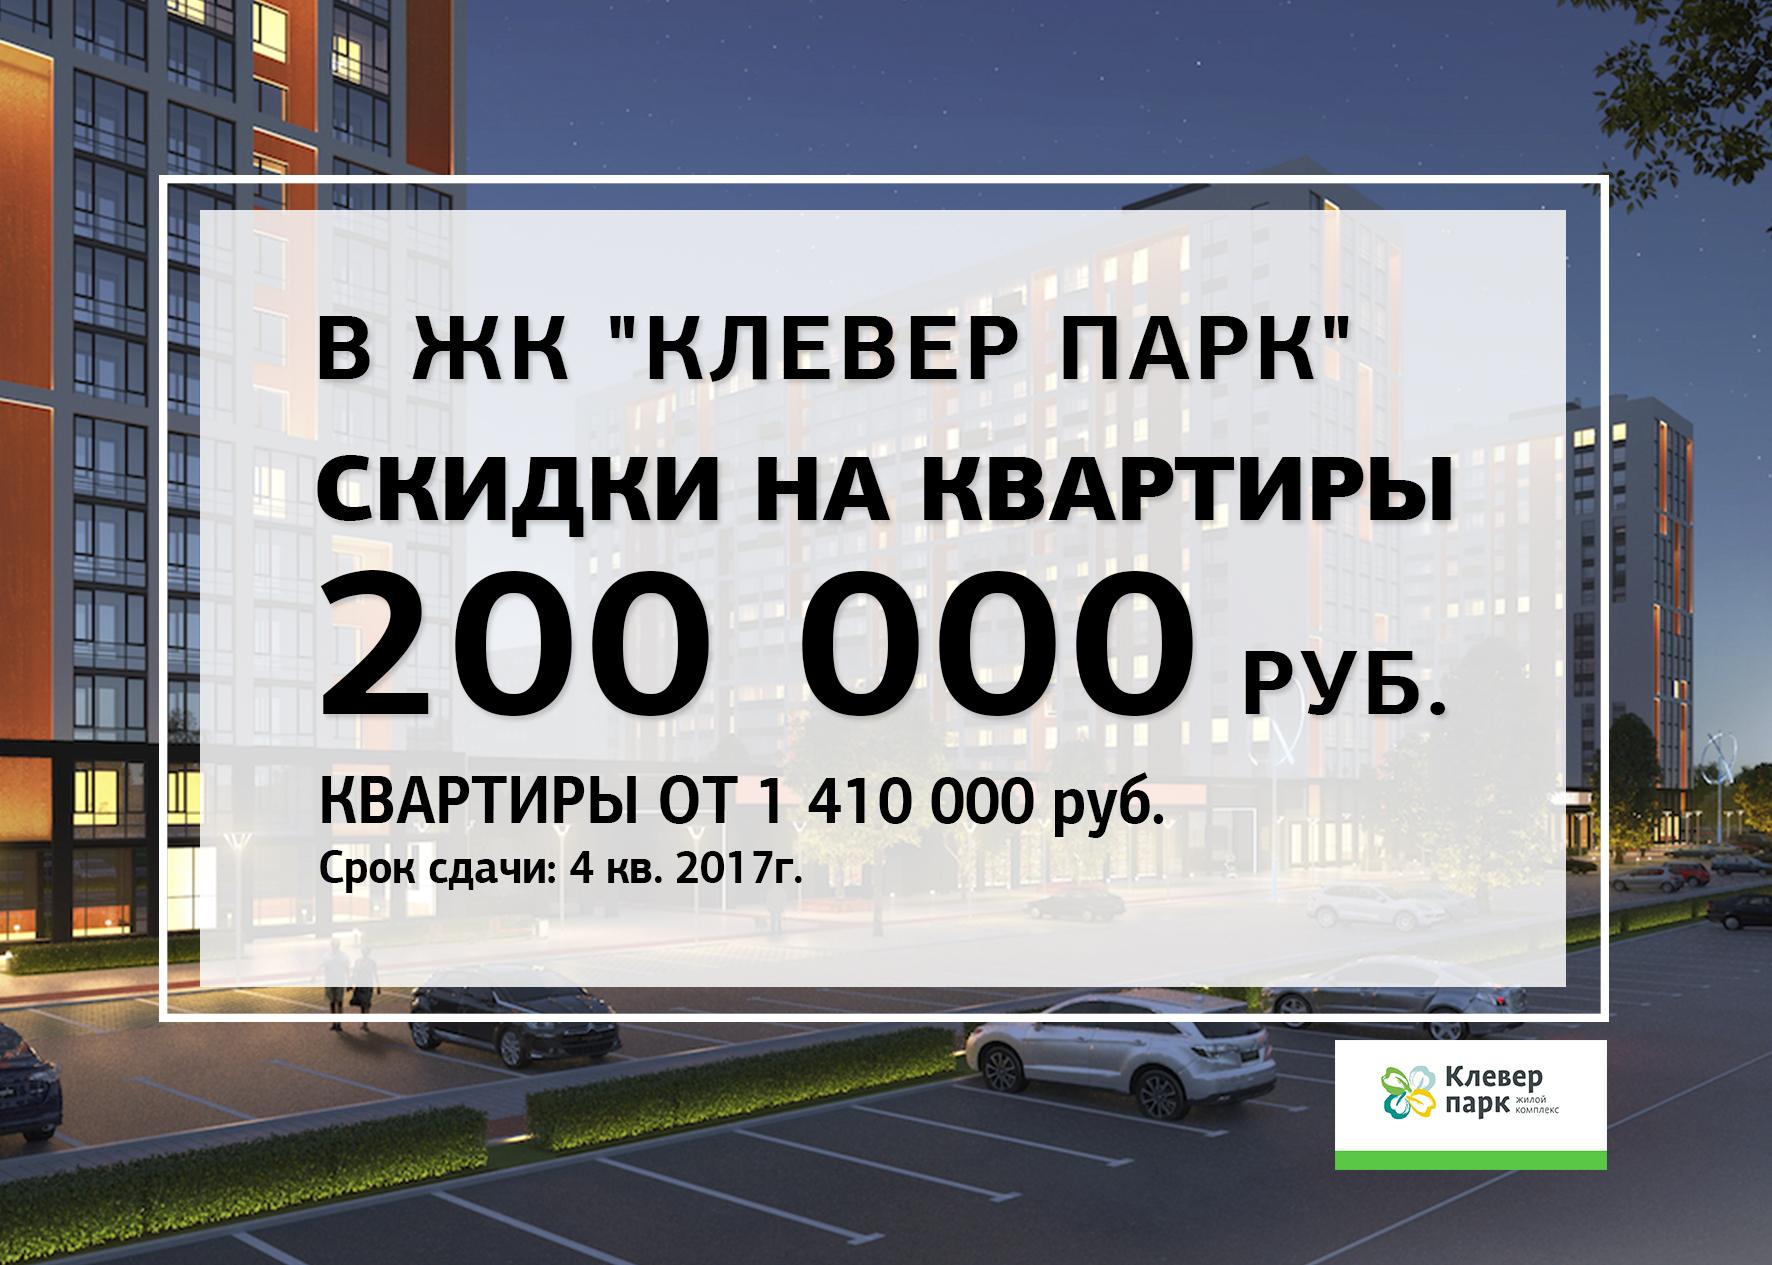 Квартиры в ЖК «Клевер парк» со скидкой 200 000 рублей. Успейте выбрать свою!